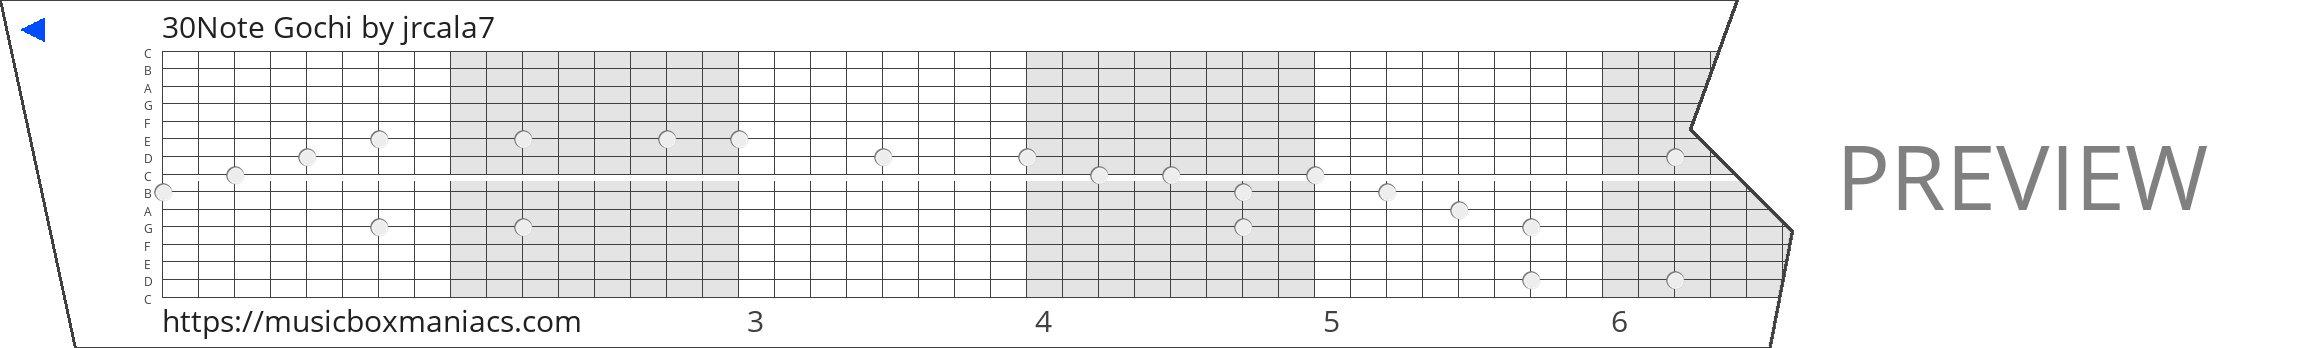 30Note Gochi 15 note music box paper strip